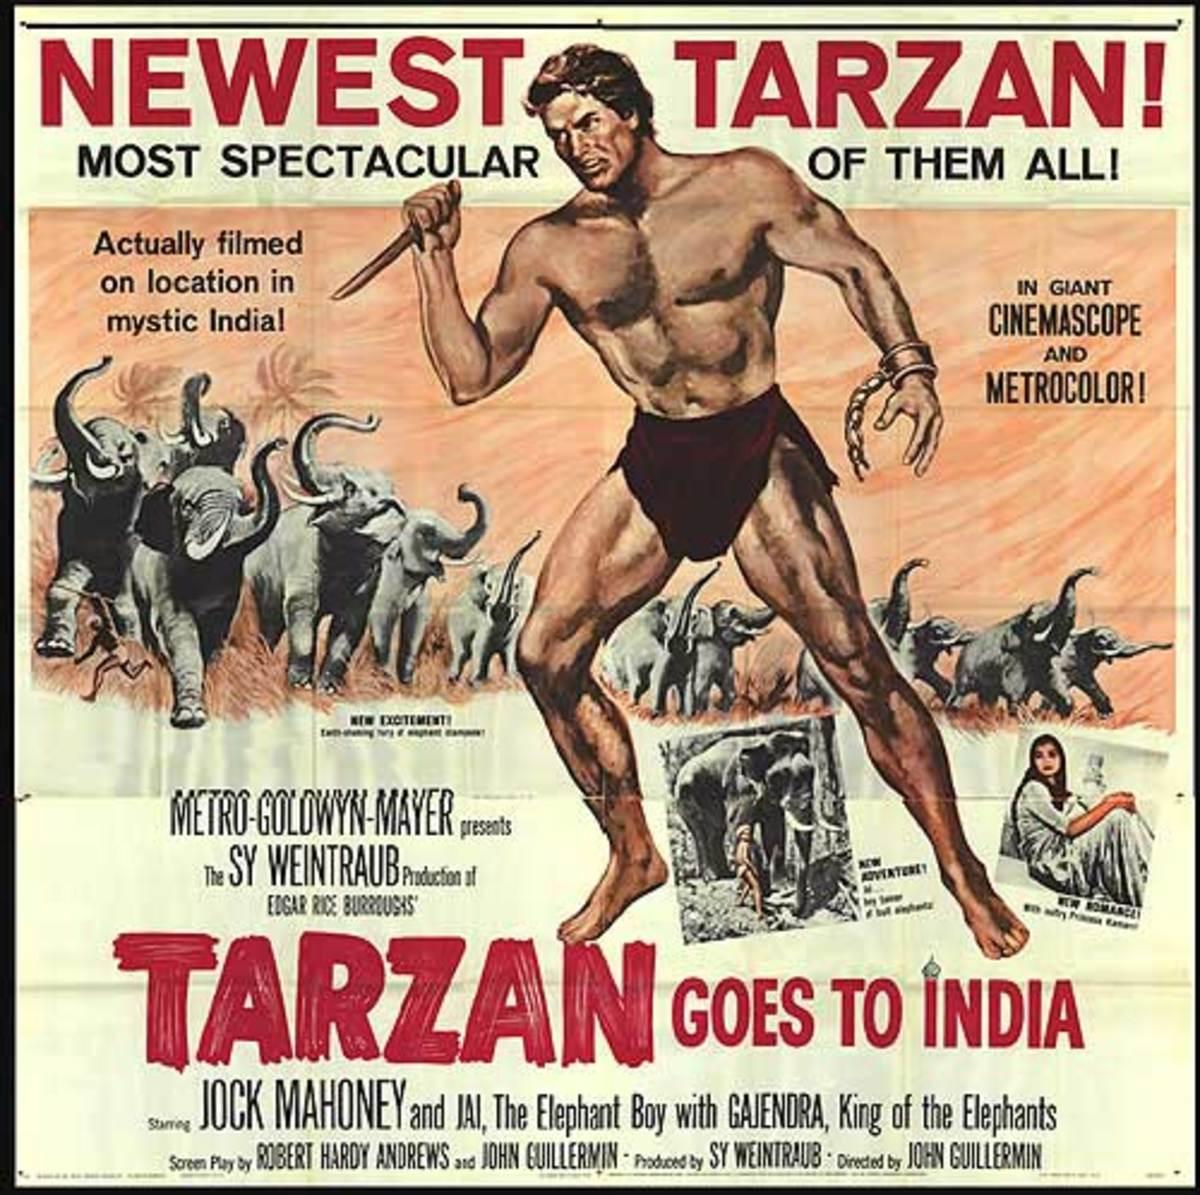 Tarzan Goes to India - poster